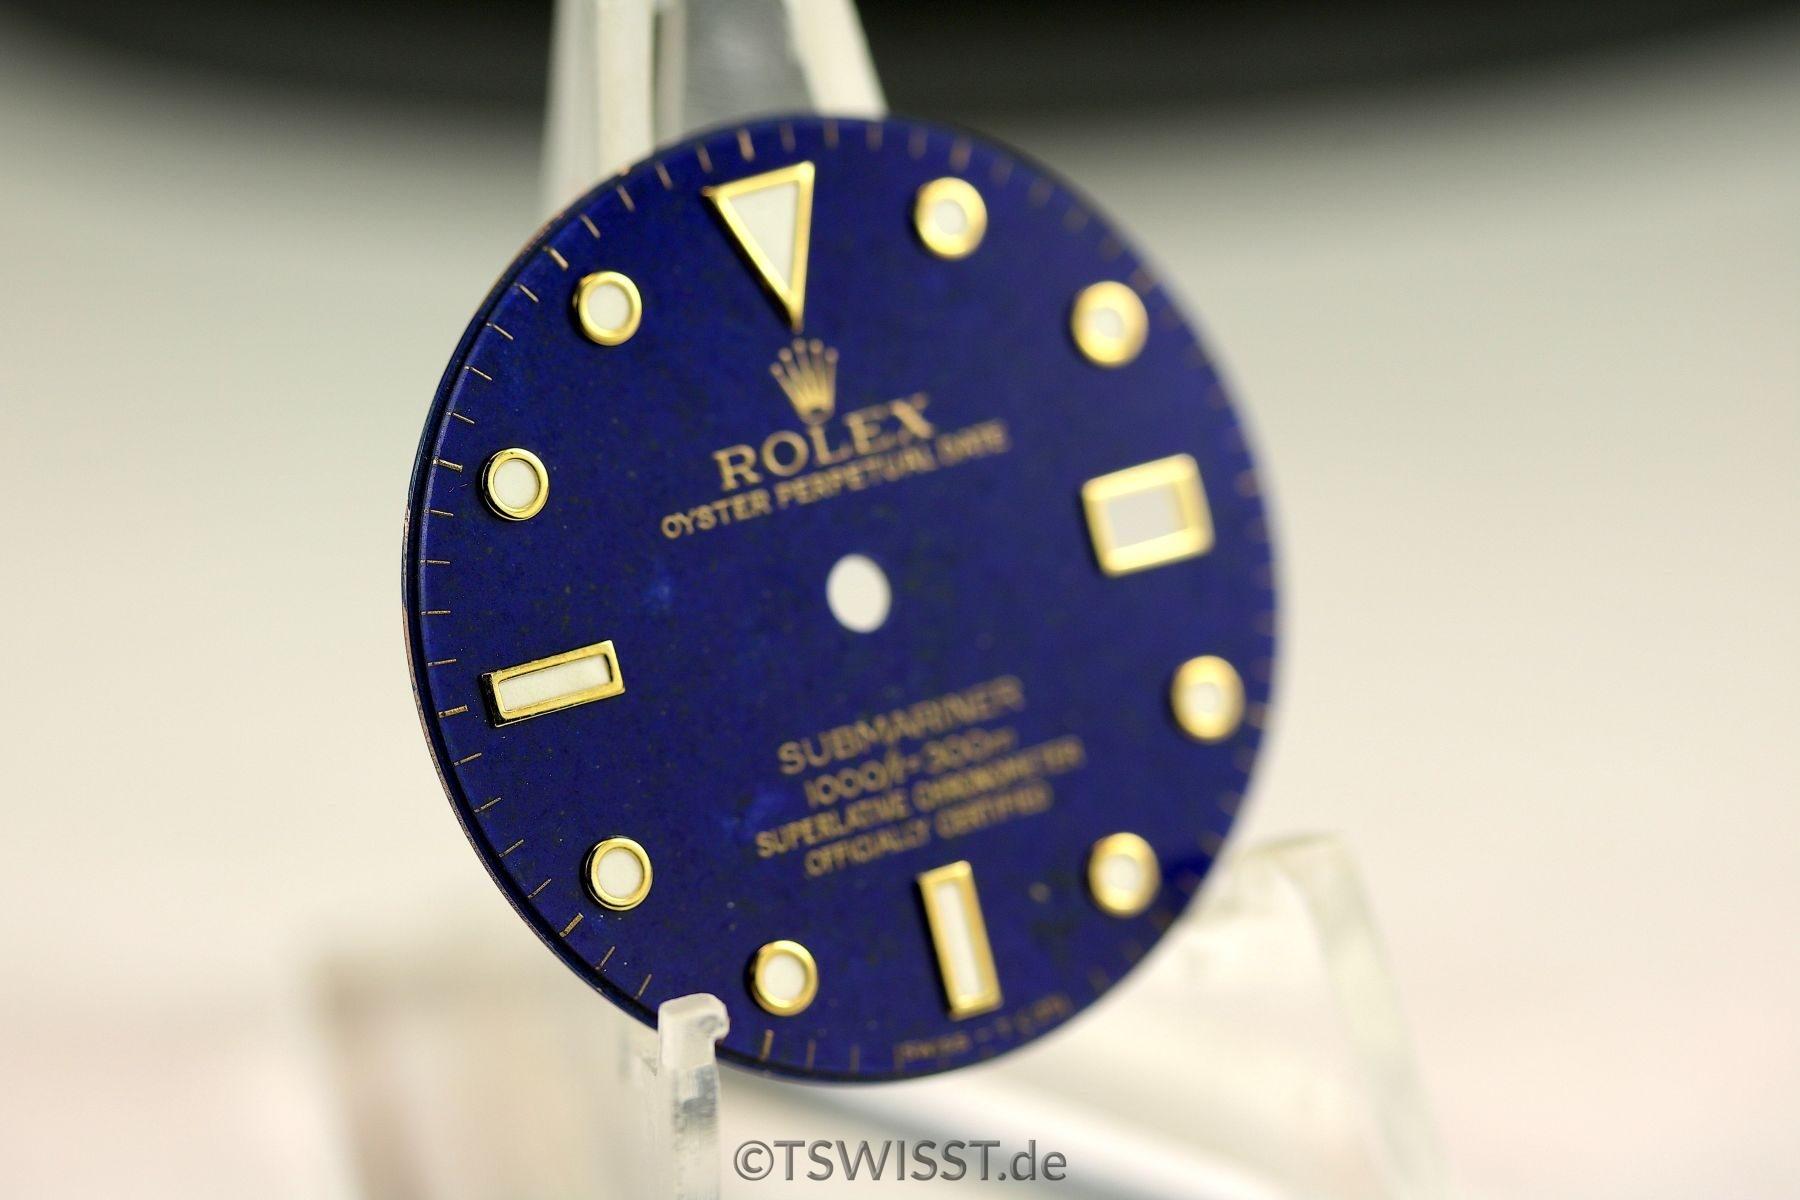 Rolex Submariner lapis lazuli dial